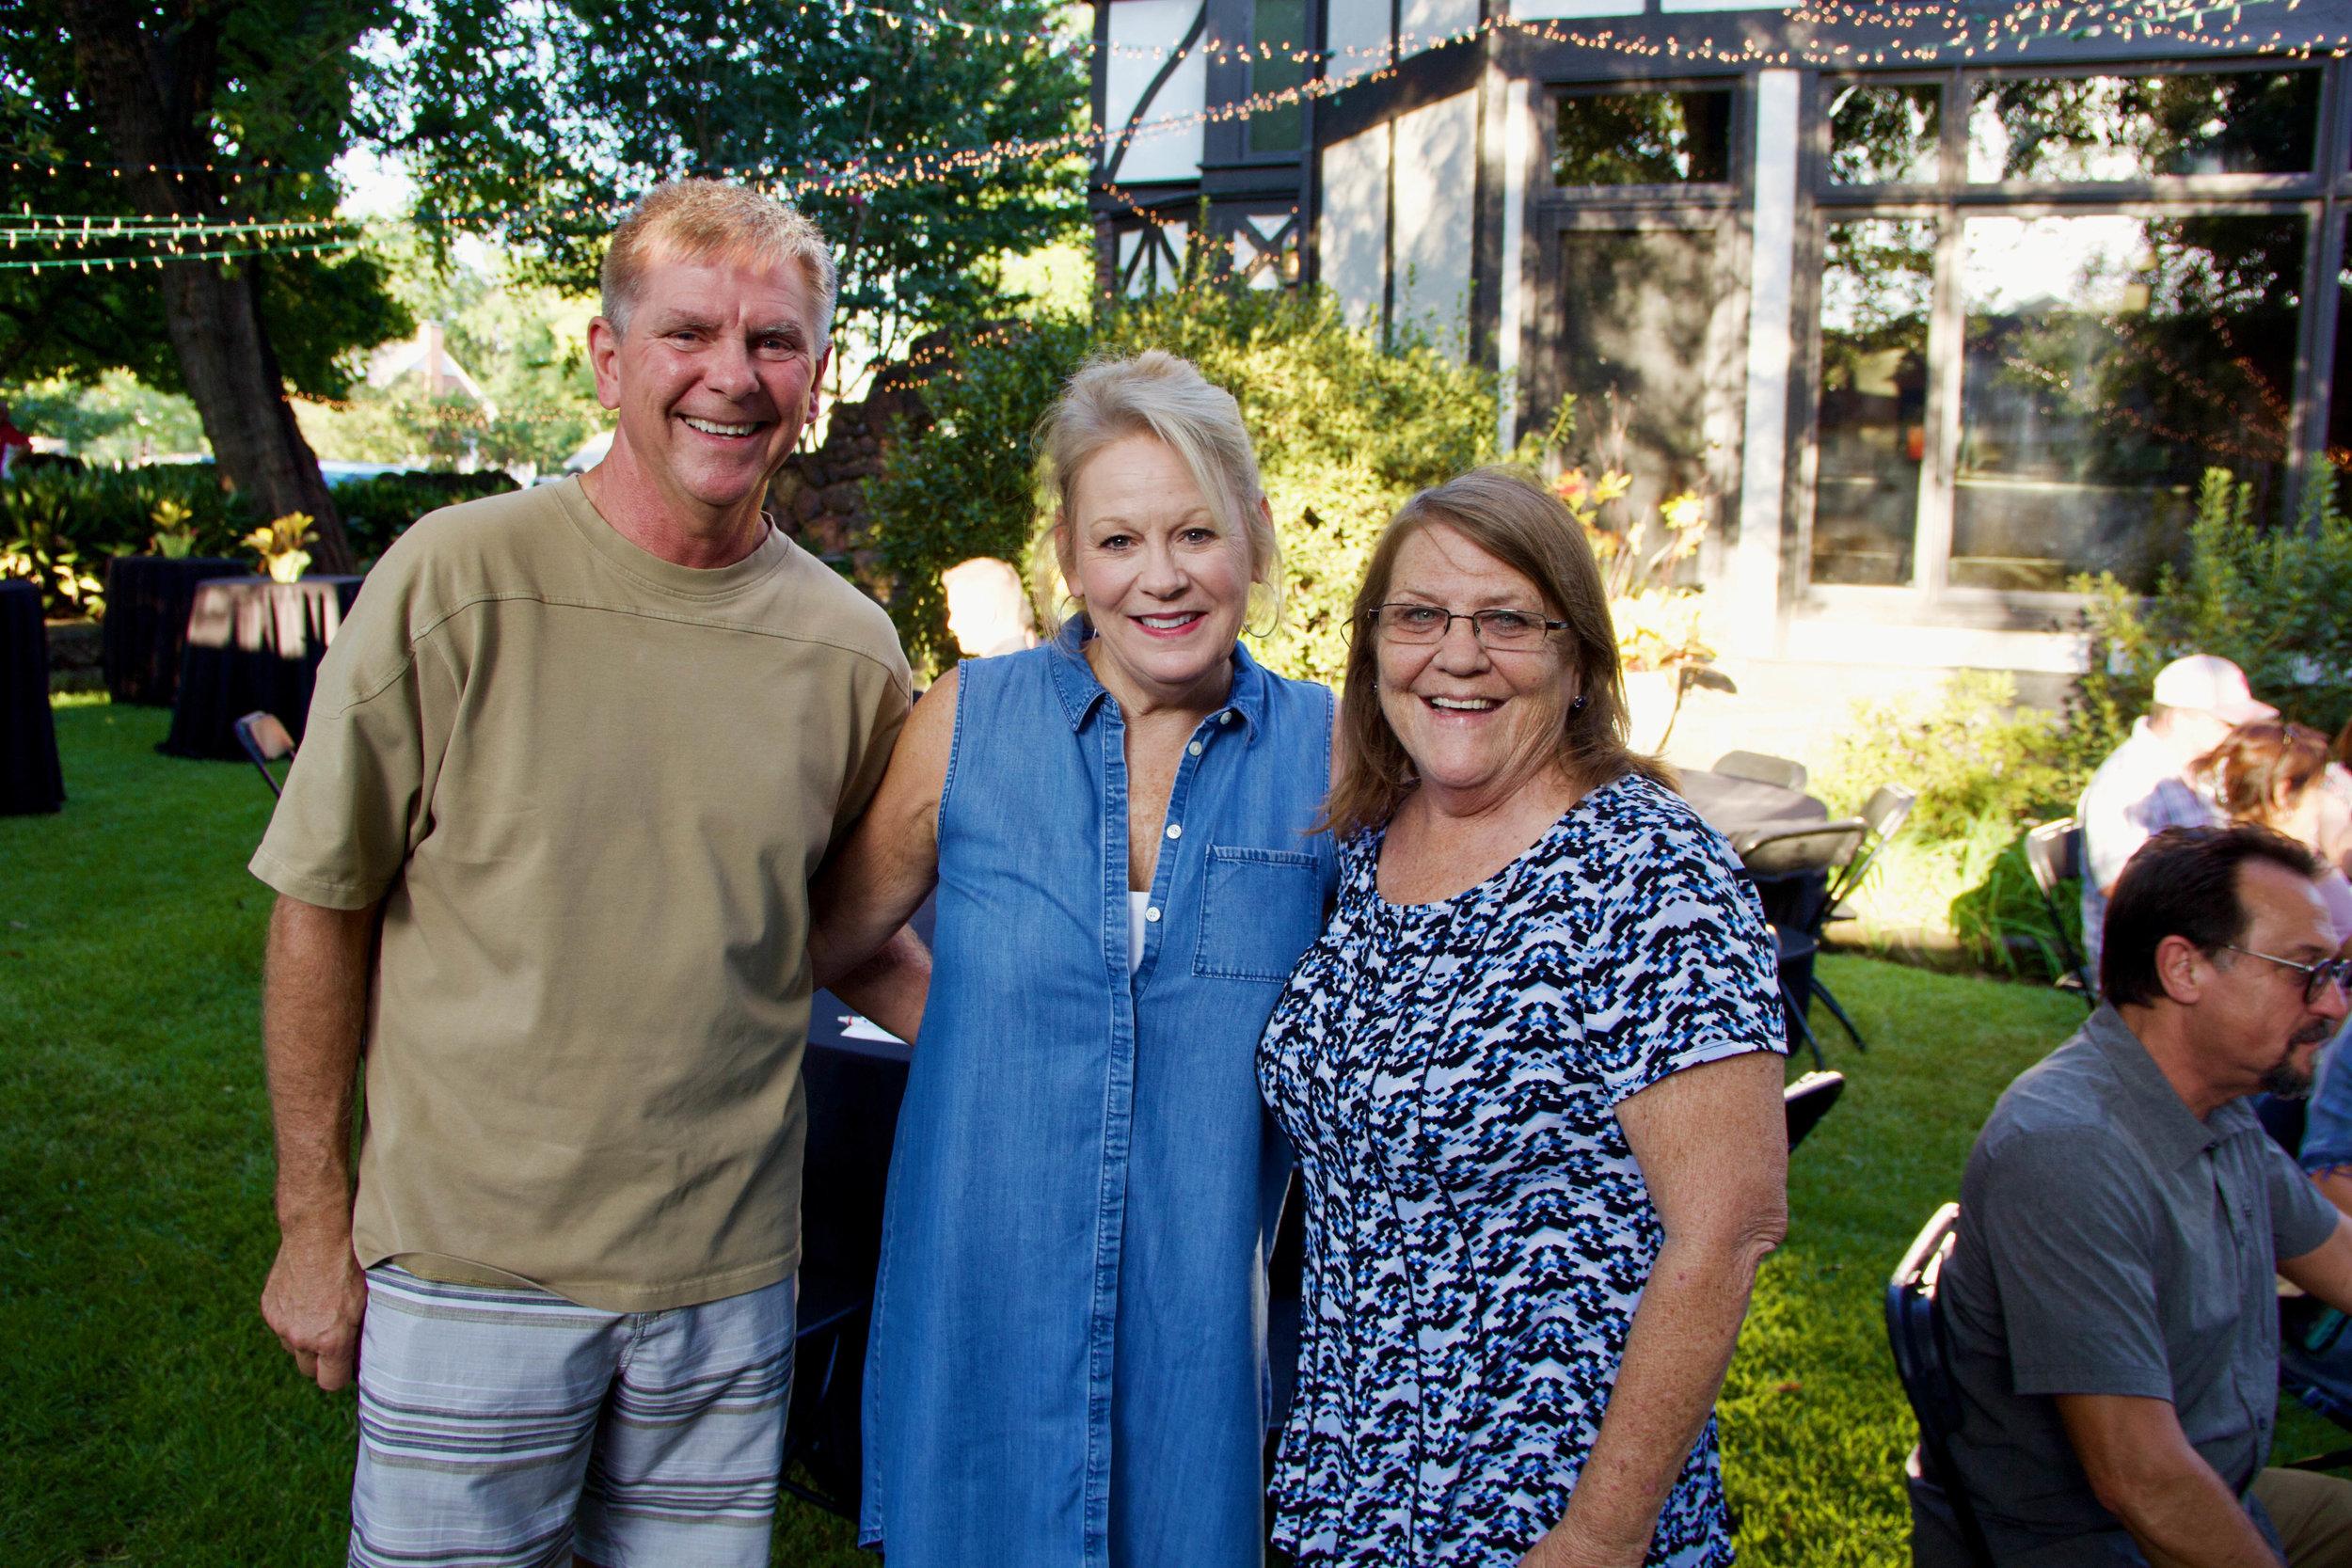 Jeff Harlow, Terrie Arnold and Lauren Layne